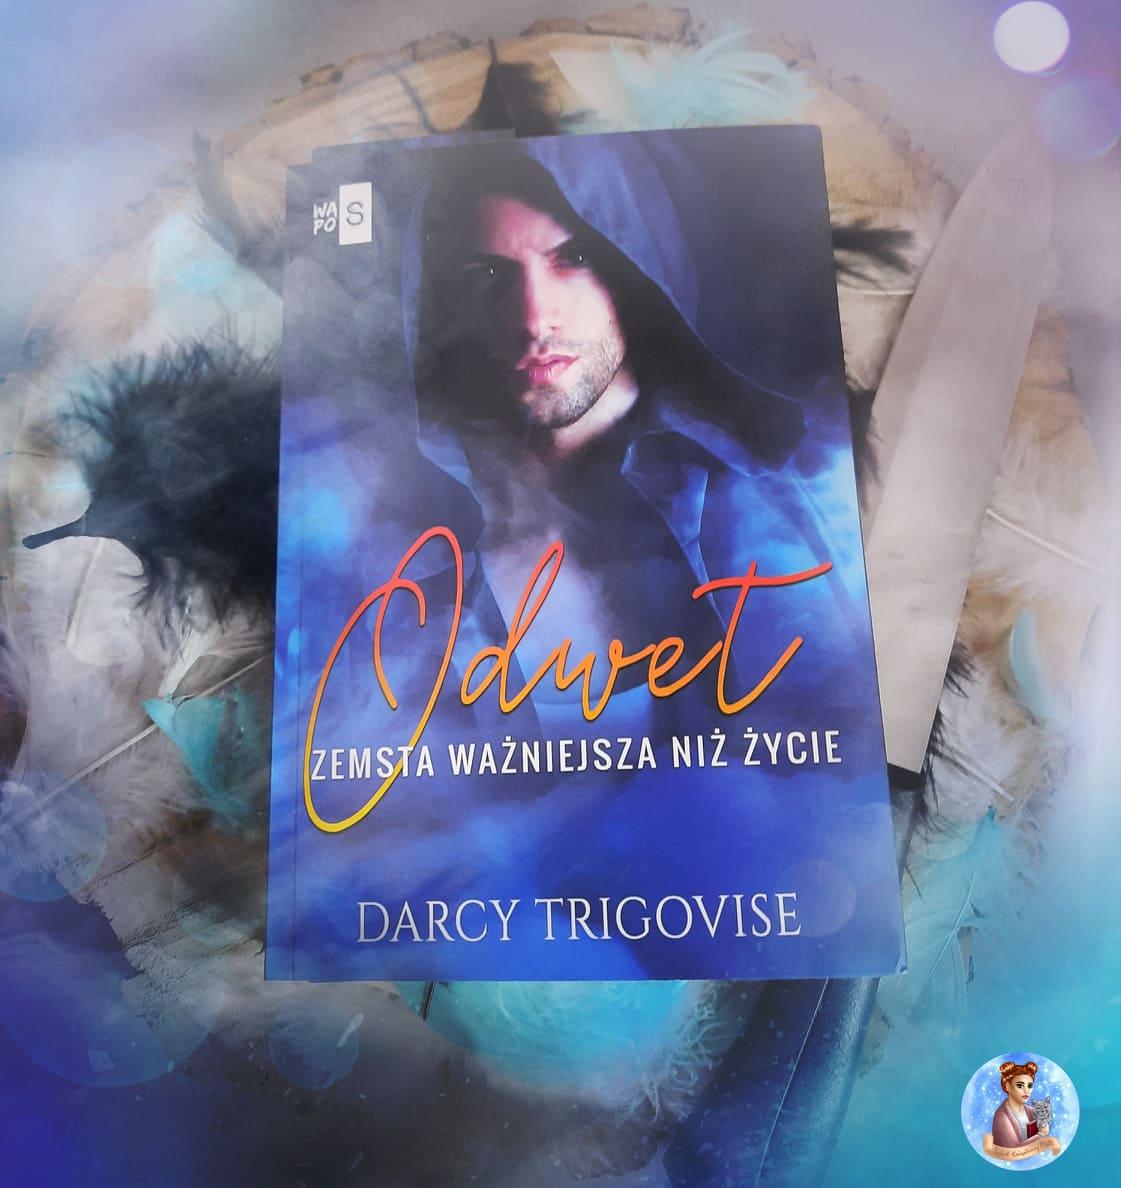 Darcy Trigovise - Odwet. Zemsta ważniejsza niż życie - Wydawnictwo WasPos - Recenzja